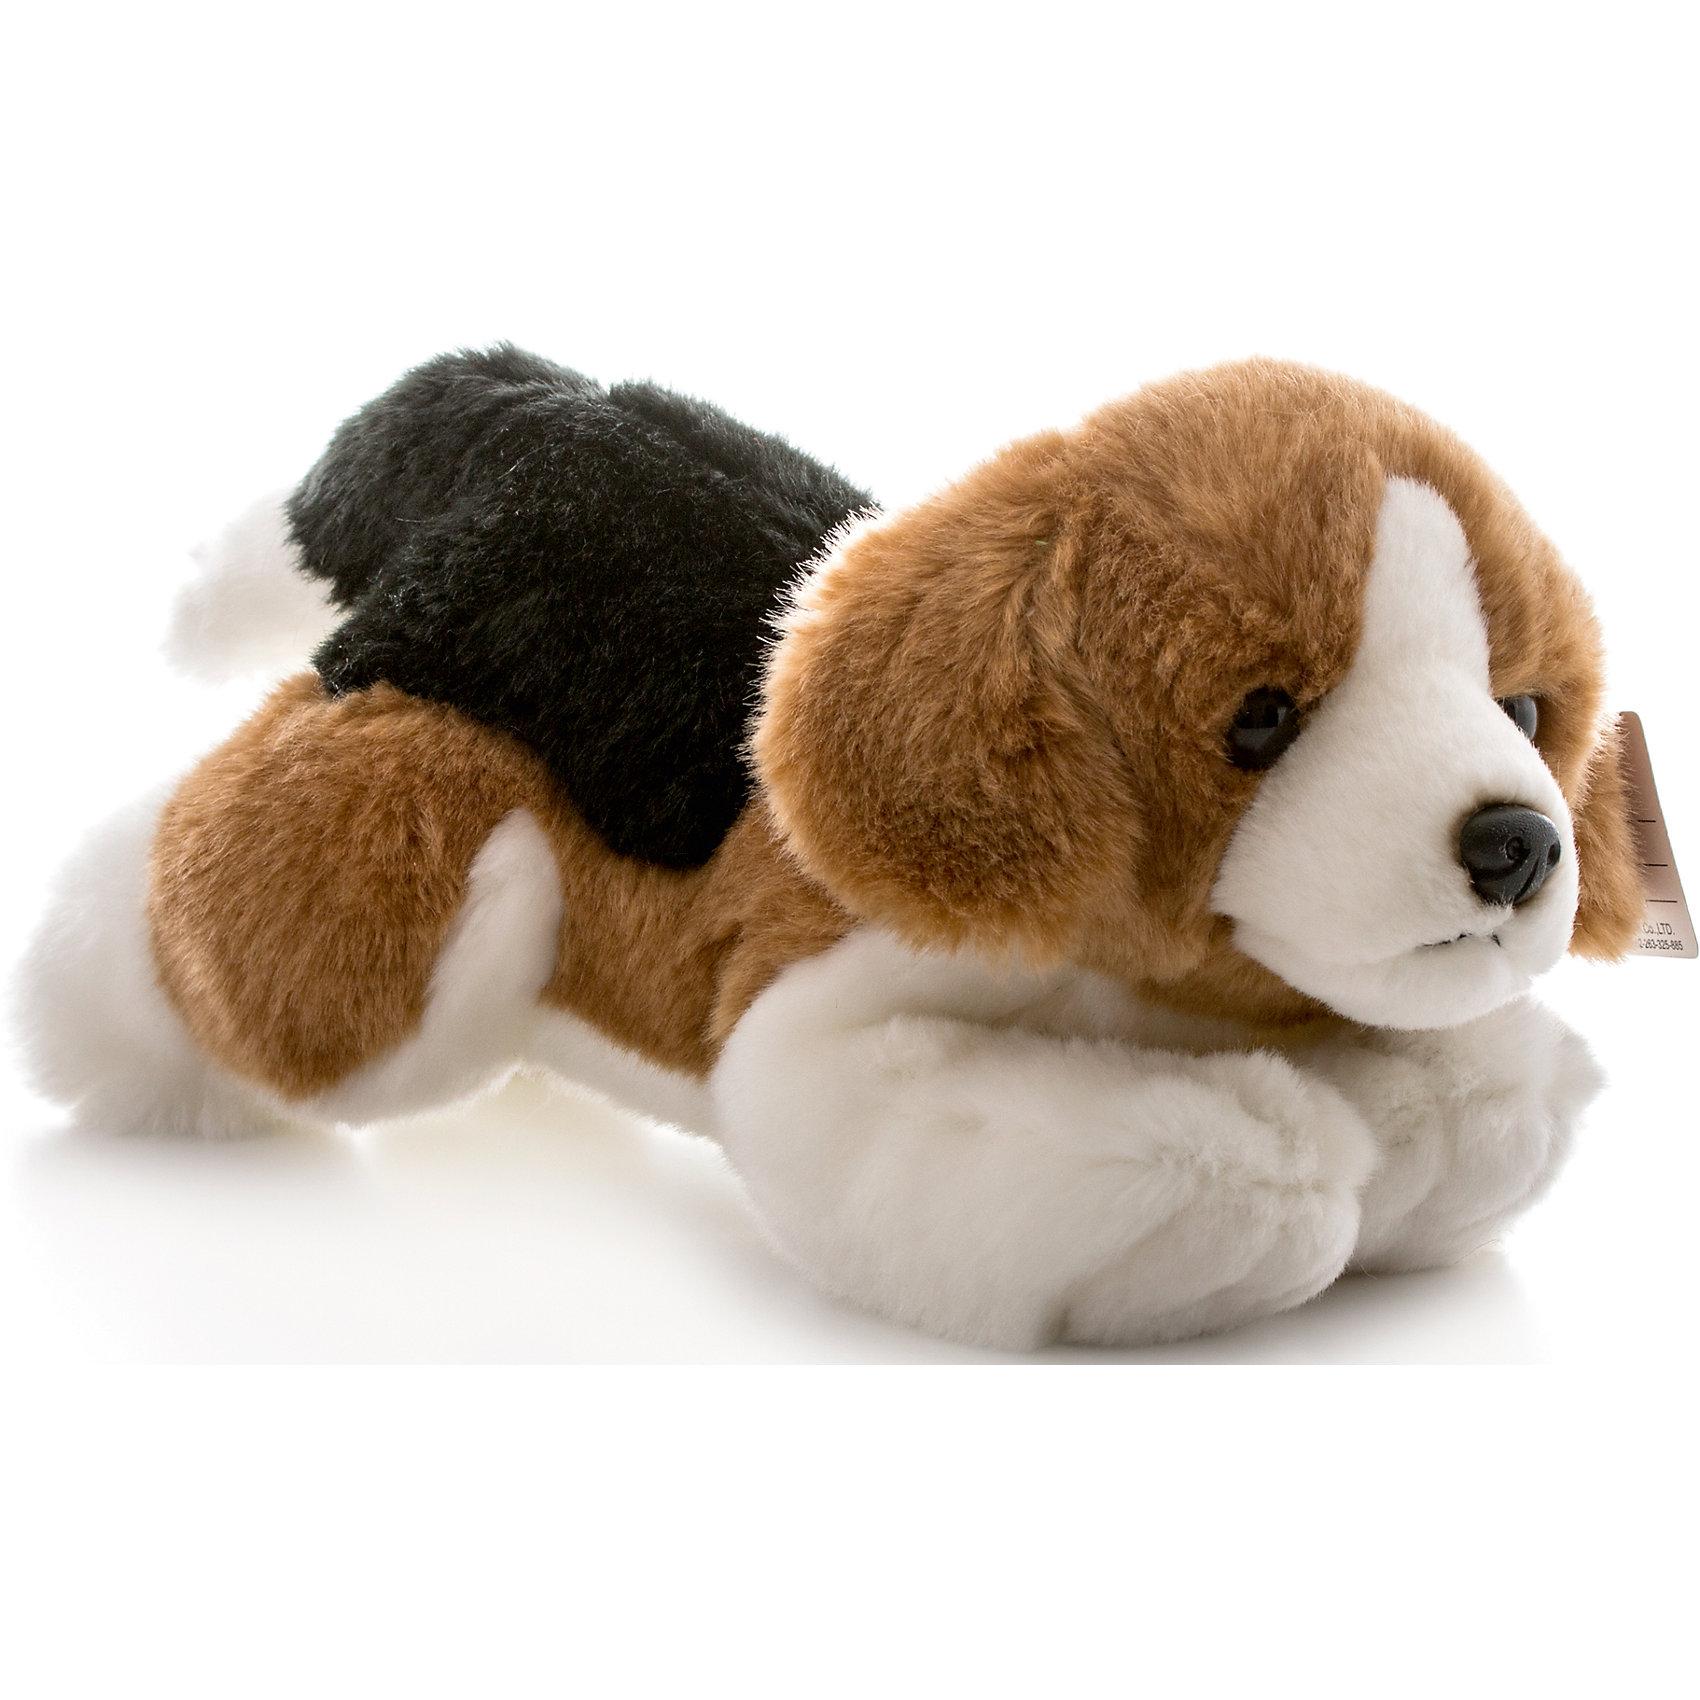 Мягкая игрушка Бигль, 28 см, AURORAКошки и собаки<br>Красивый трехцветный щенок с мягкой  шерсткой будет прекрасным подарком для Вашего ребенка!<br><br>Дополнительная информация:<br><br>- Возраст: от 3 лет.<br>- Материал: плюш, синтепон.<br>- Высота игрушки: 28 см.<br><br>Купить мягкую игрушку Бигль можно в нашем магазине.<br><br>Ширина мм: 280<br>Глубина мм: 110<br>Высота мм: 140<br>Вес г: 268<br>Возраст от месяцев: 36<br>Возраст до месяцев: 120<br>Пол: Унисекс<br>Возраст: Детский<br>SKU: 4929043